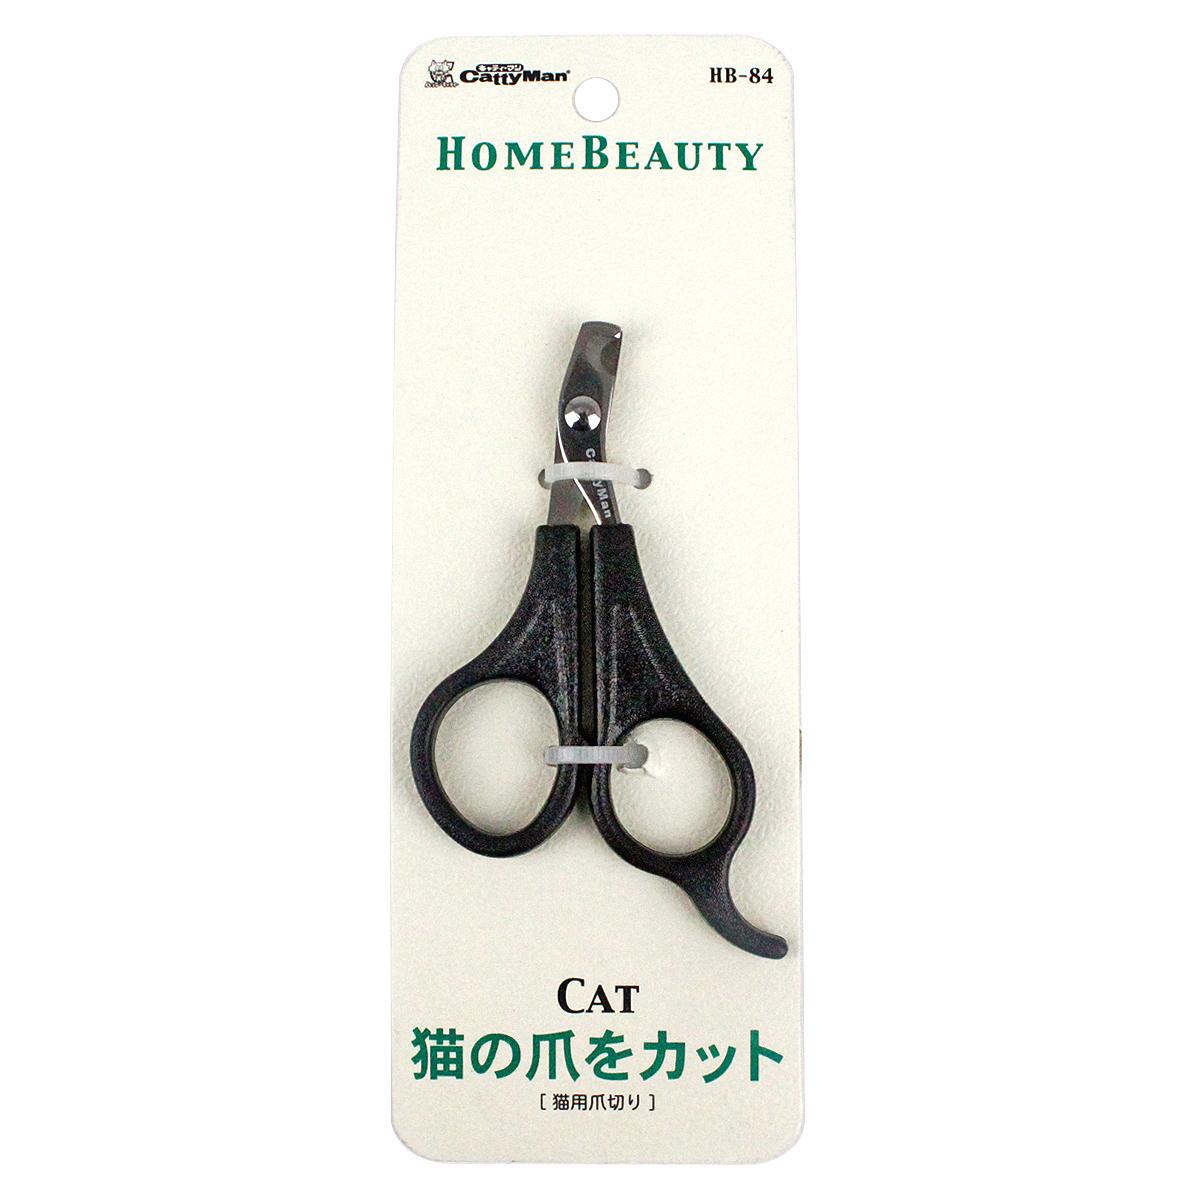 多格漫不鏽鋼貓指甲剪指甲鉗寵物美容清潔用品指甲刀24省包郵